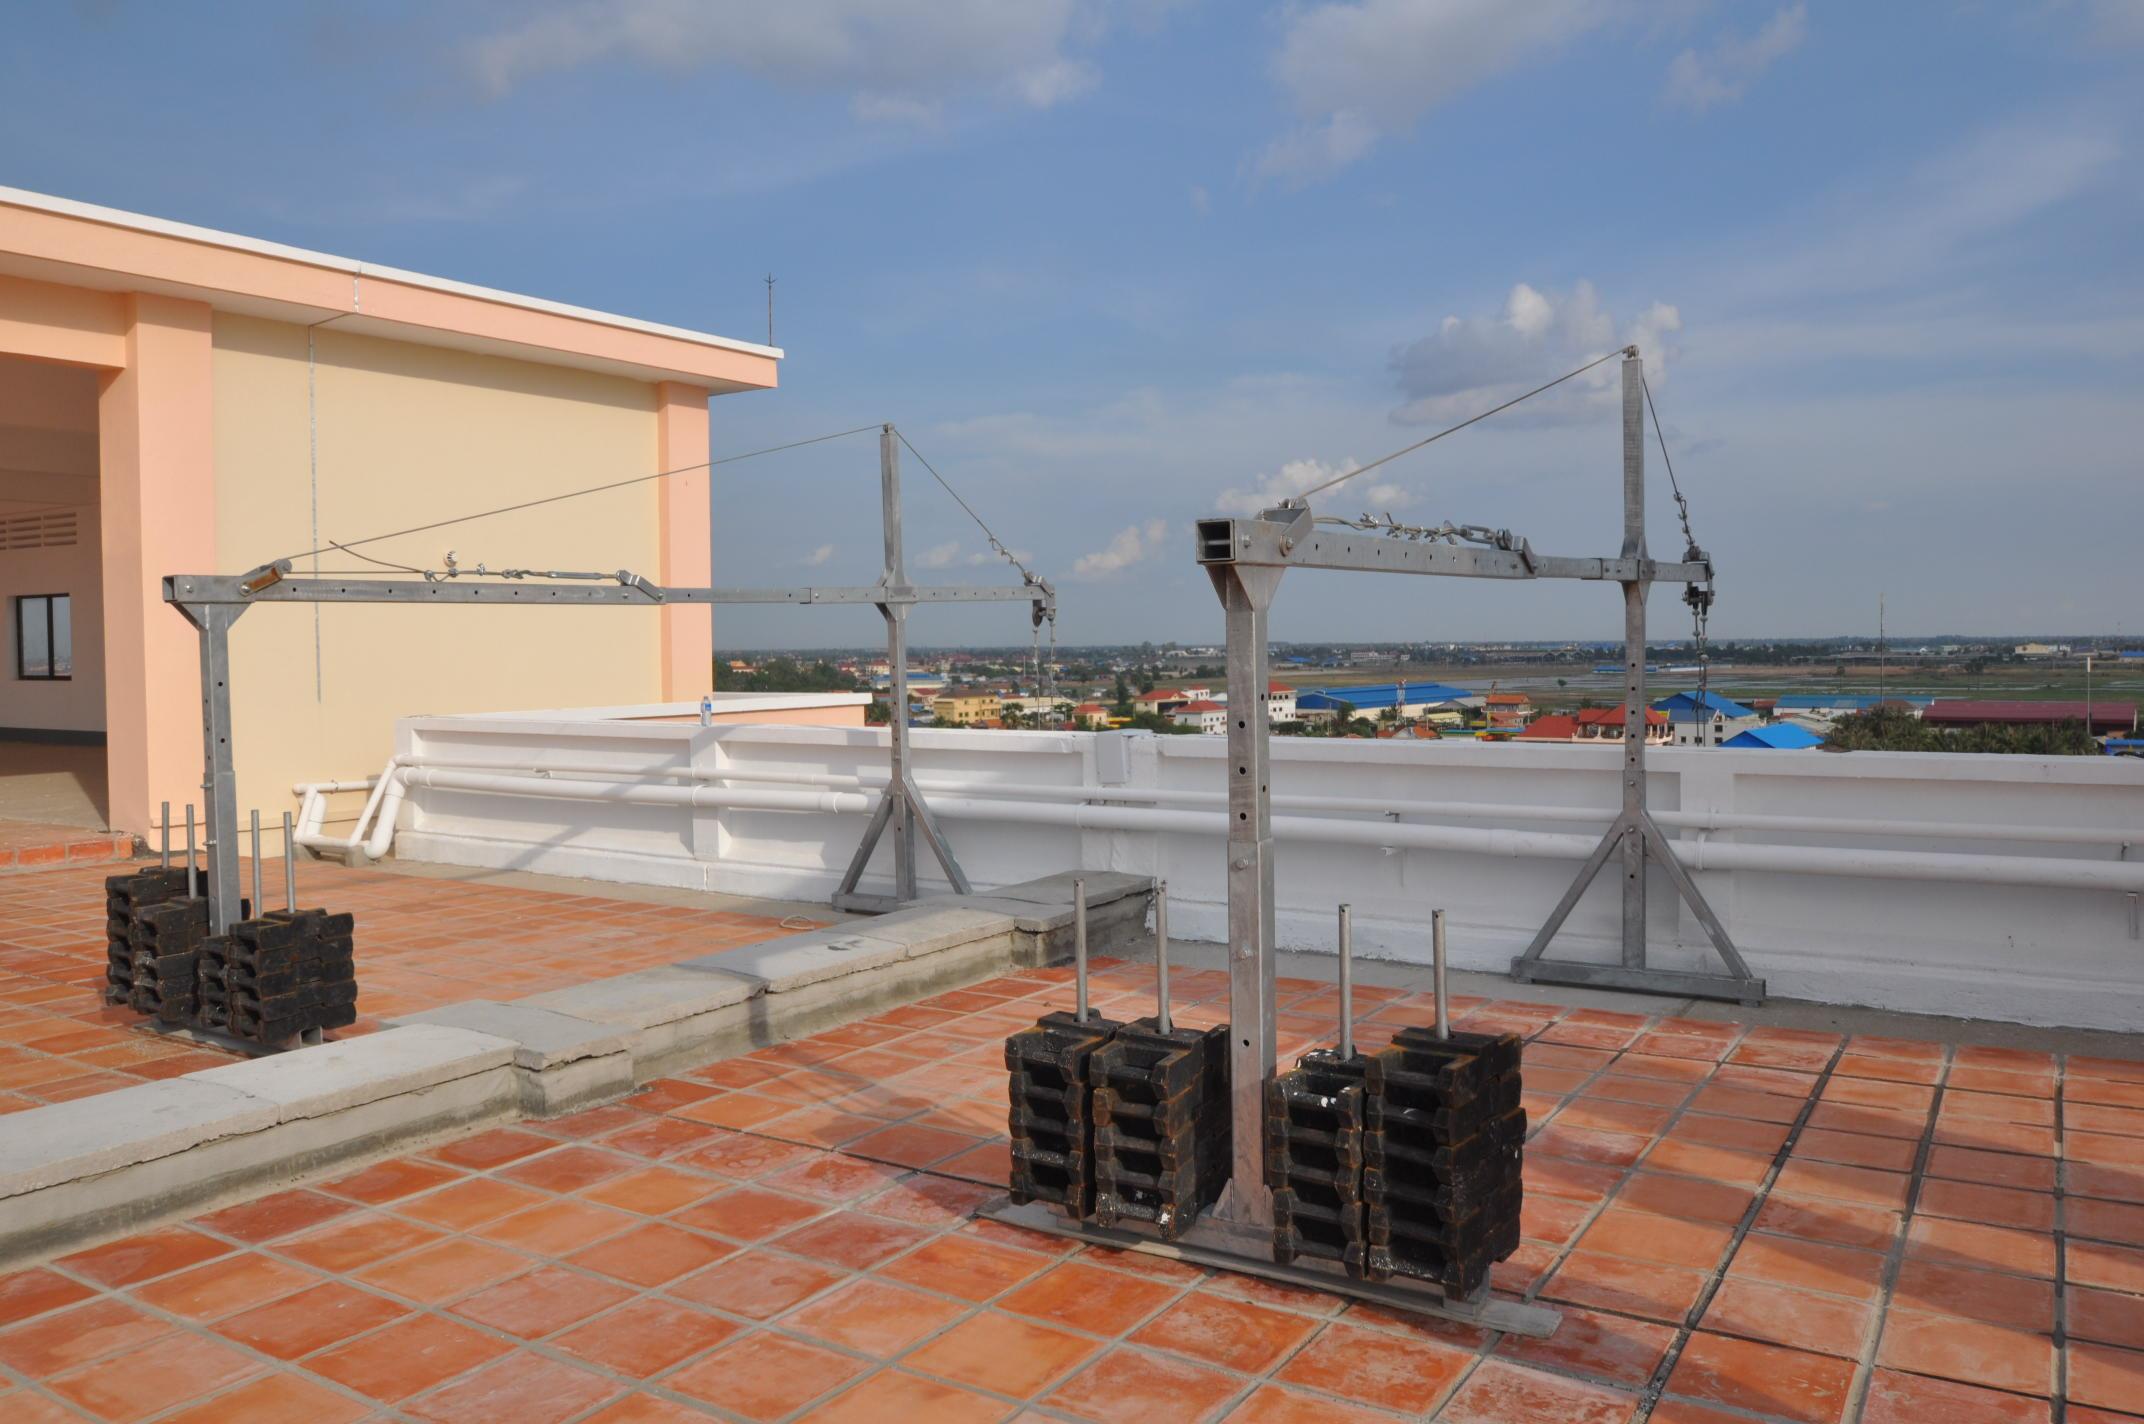 Люлька для строительных работ ZLP-800, длина корзины 6 м - 0